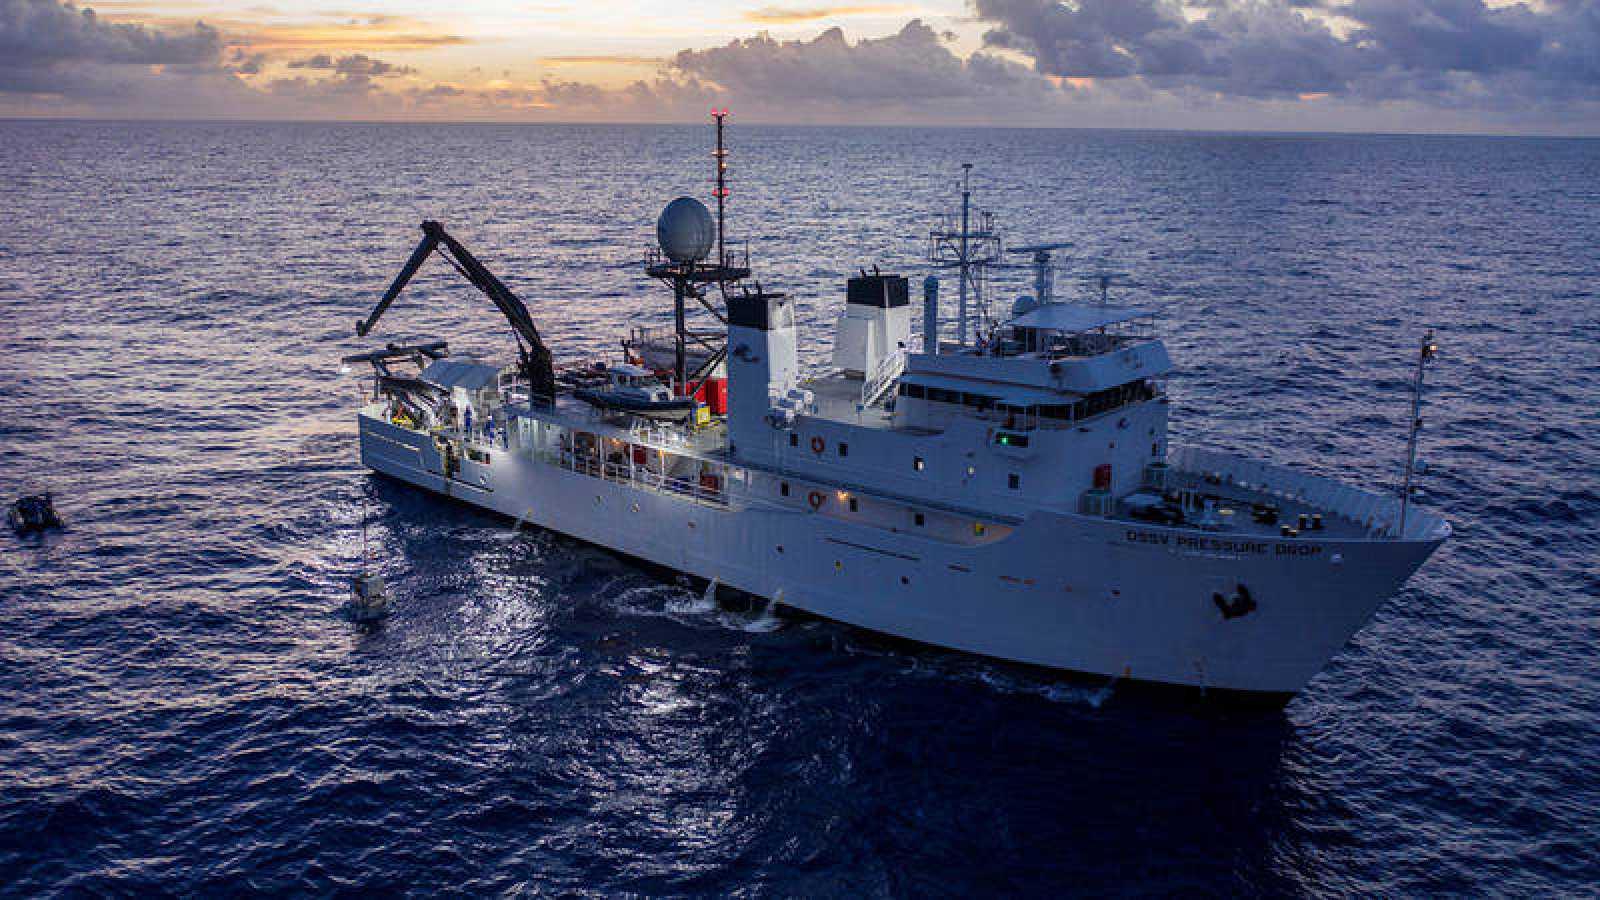 El submarinoDSV Limiting Factor es izado en una grúa del barco DSSV Pressure Drop en la fosa de las Marianas, en una imagen del 13 de mayo de 2019.Atlantic Productions for Discovery Channel/Tamara Stubbs/via REUTERS